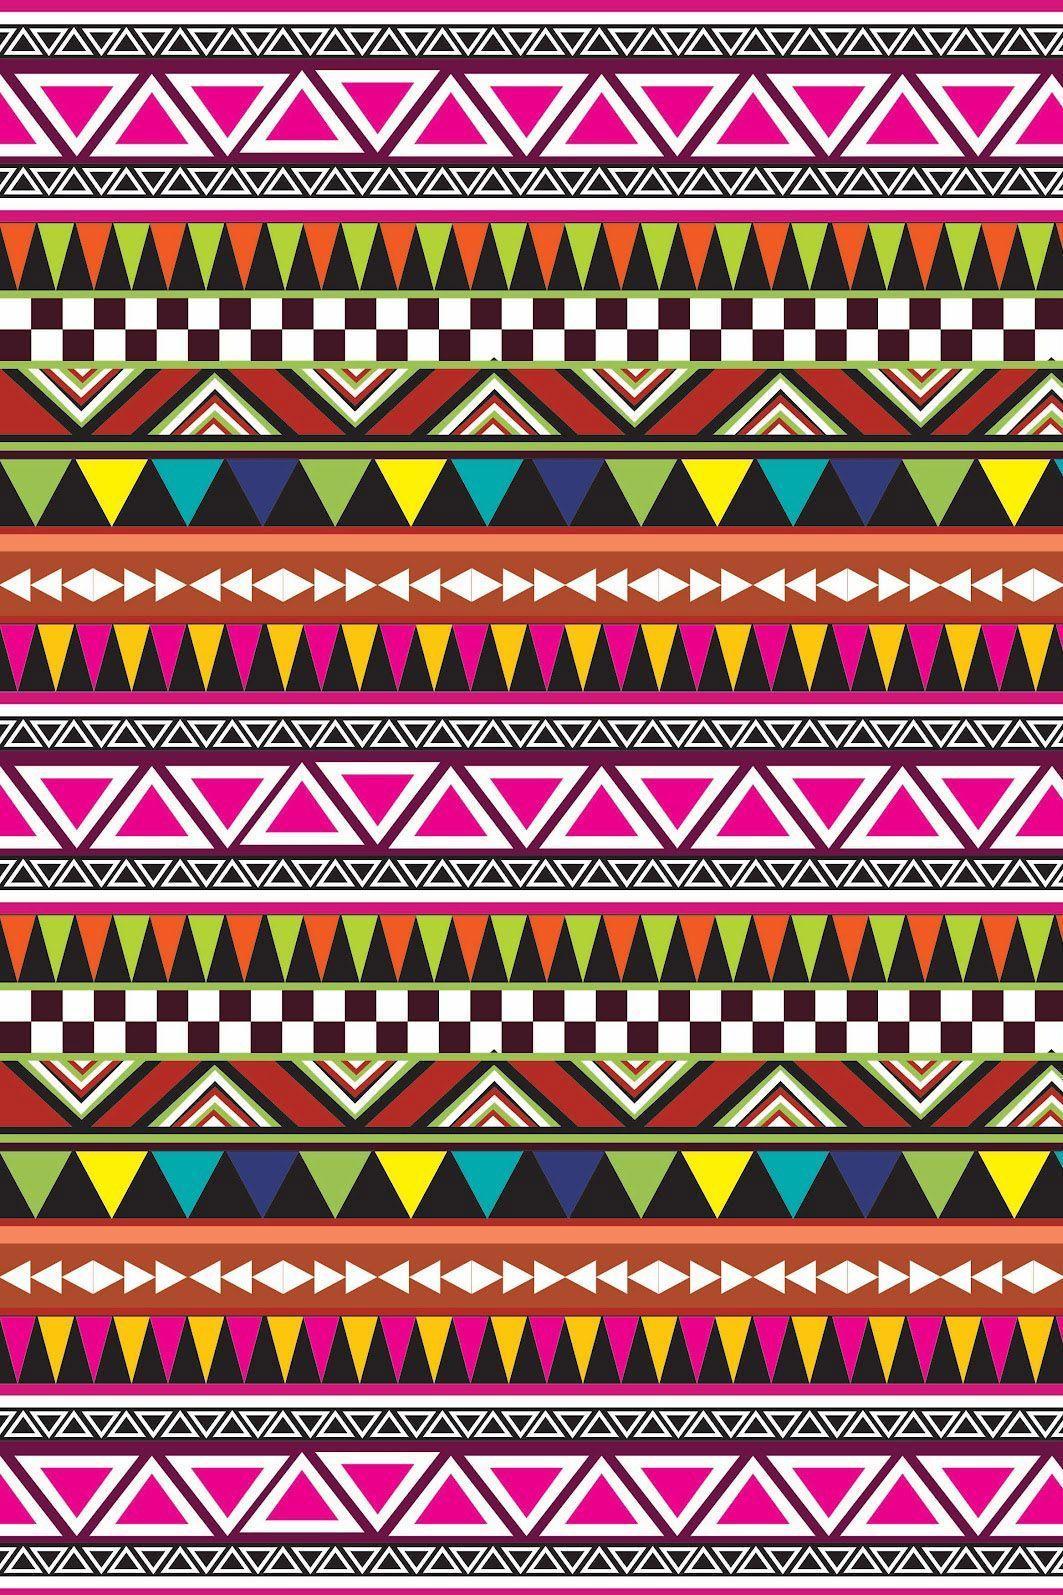 Aztec Print Wallpapers - Top Free Aztec